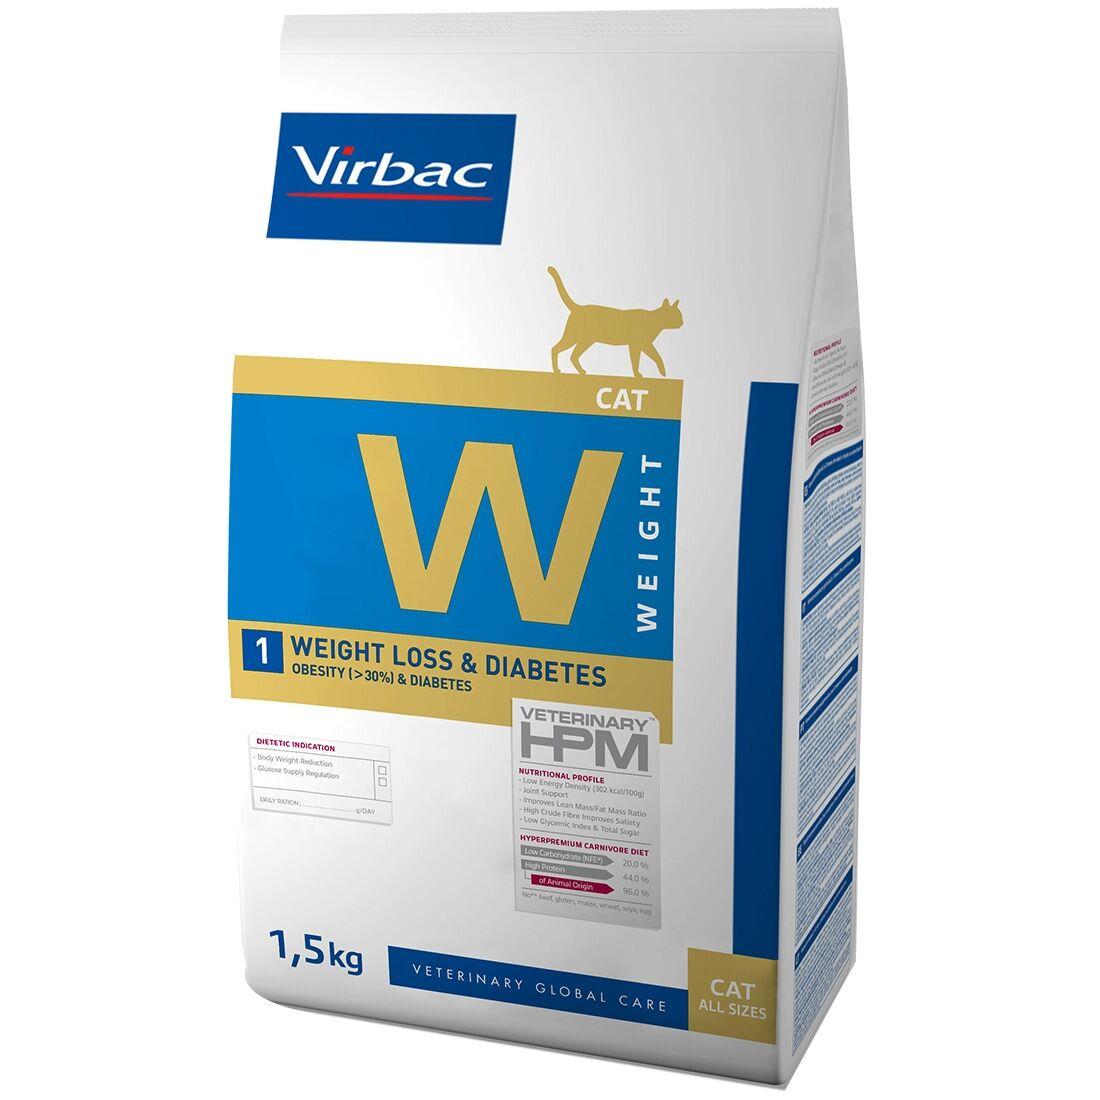 Virbac Veterinary HPM Weight Loss & Diabetes Cat Contenance : 1,5 kg